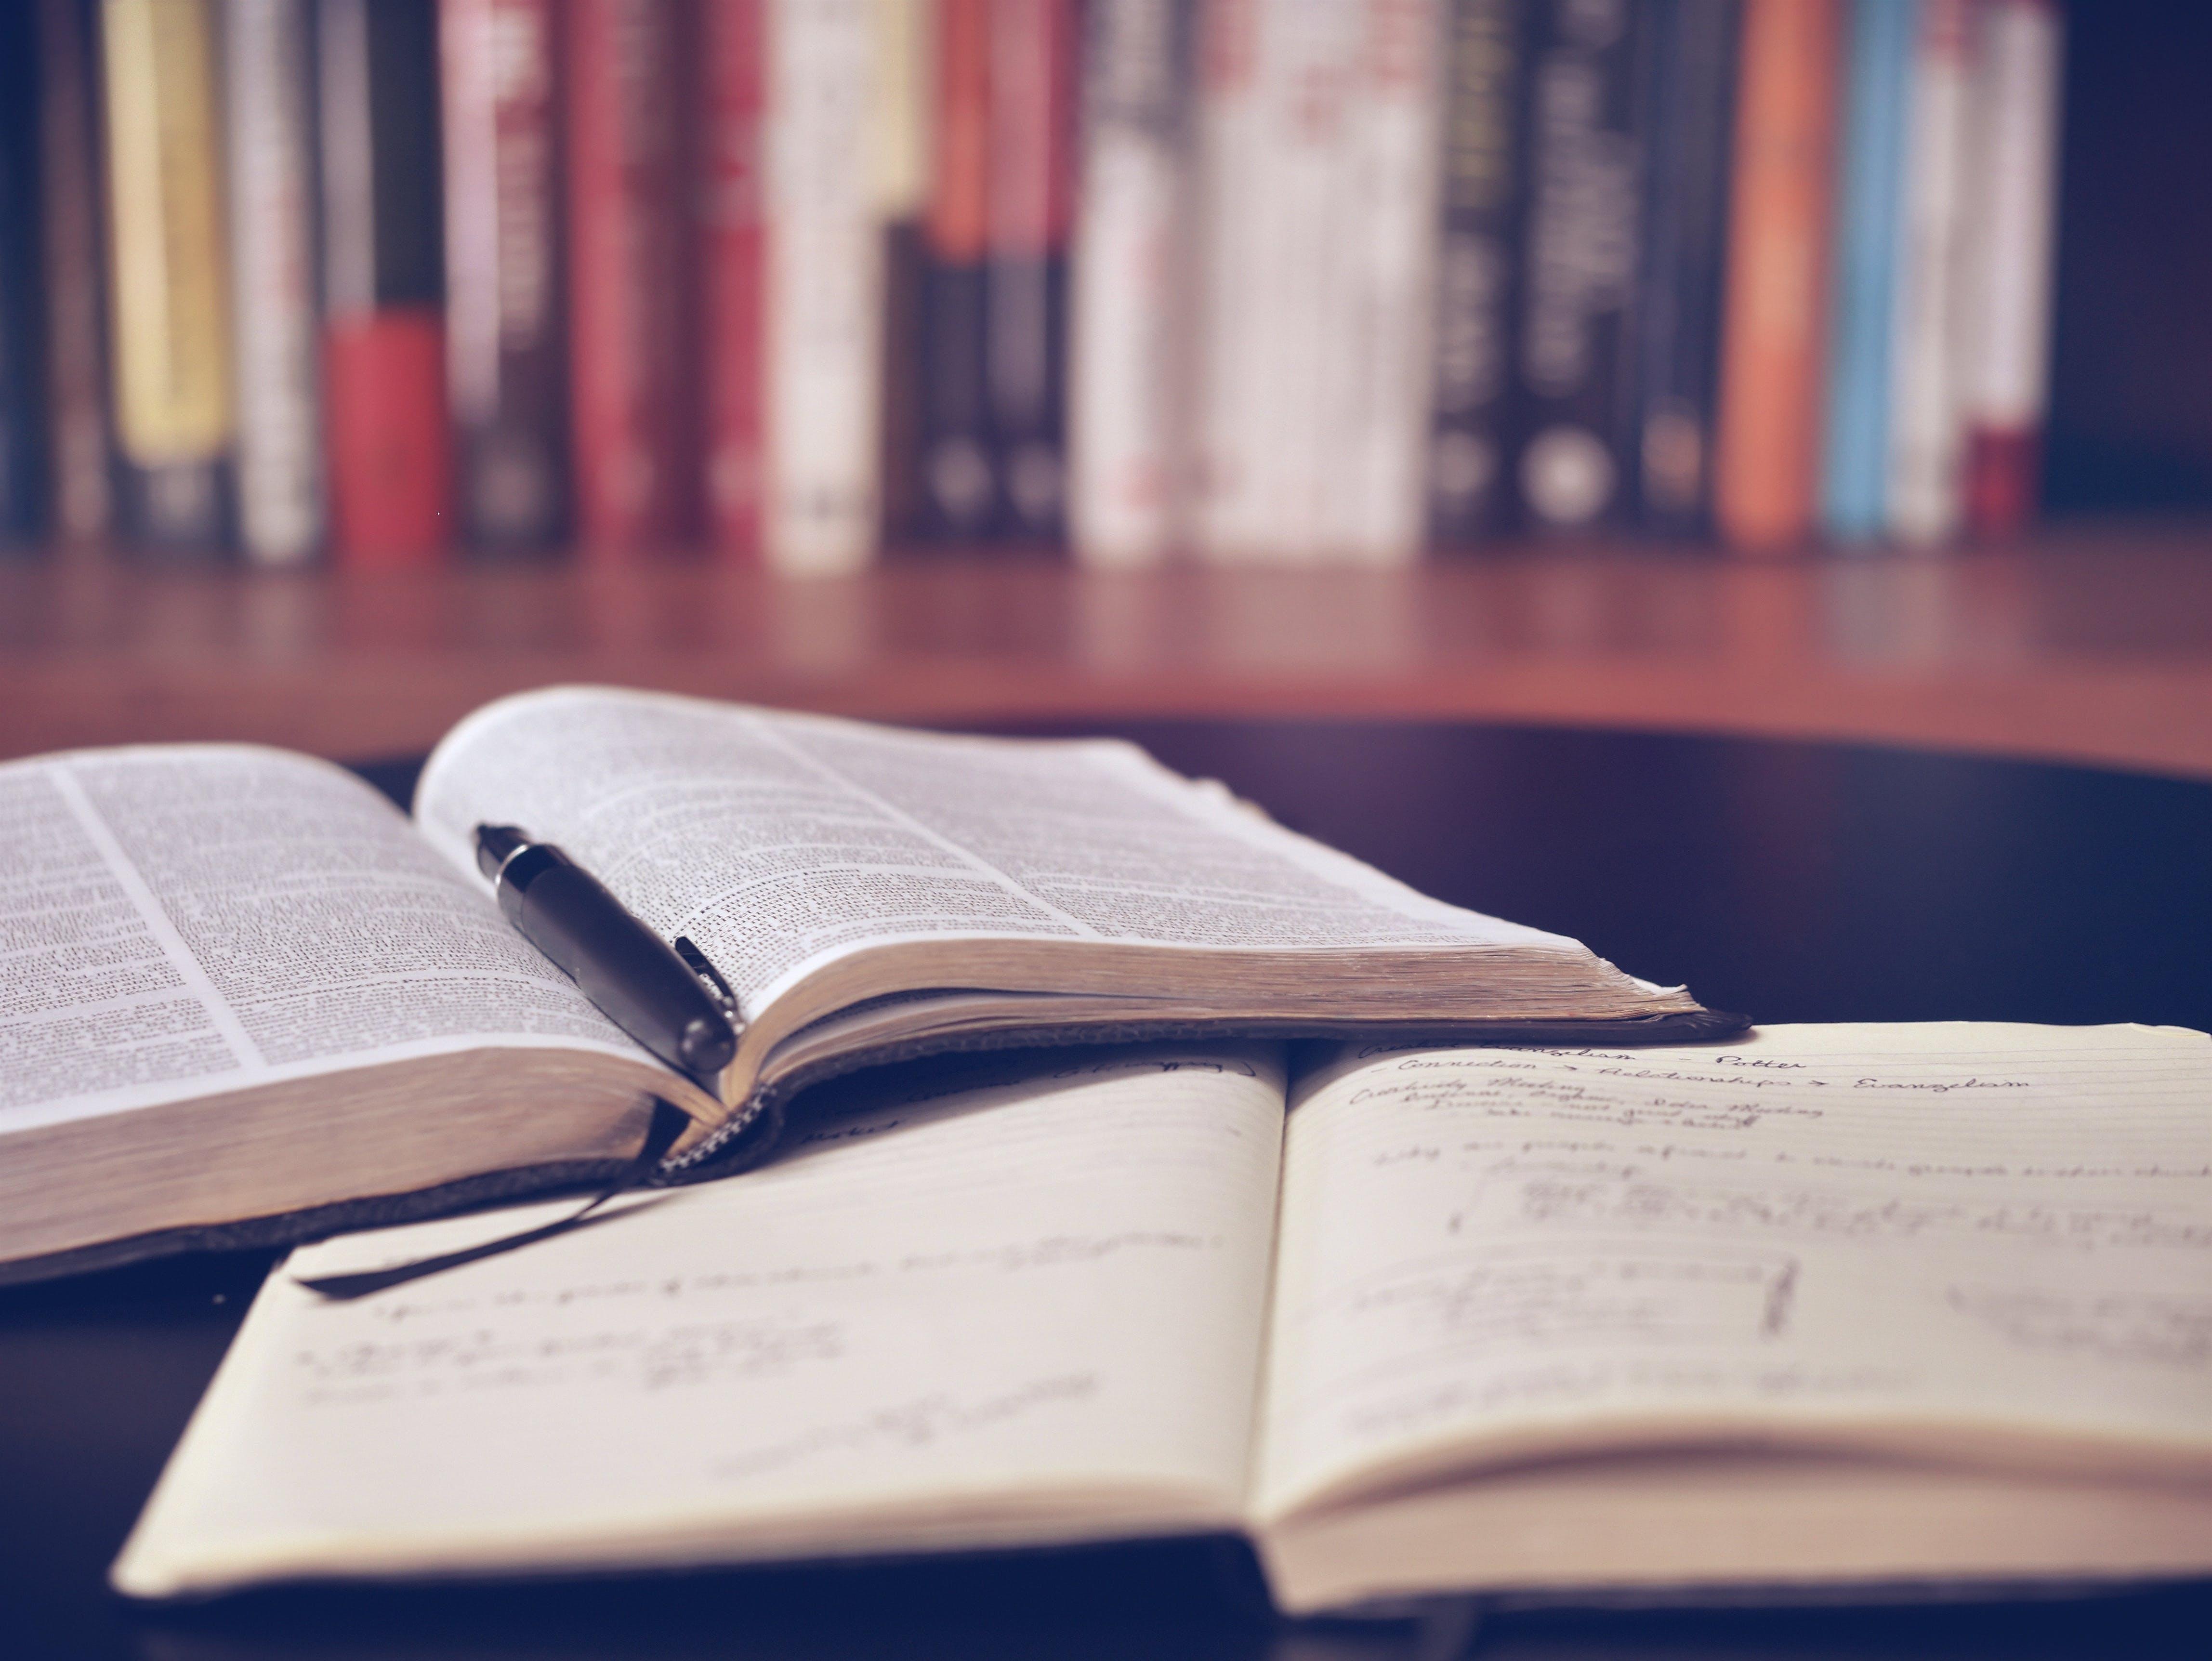 kirjahylly, kirjat, koulutus